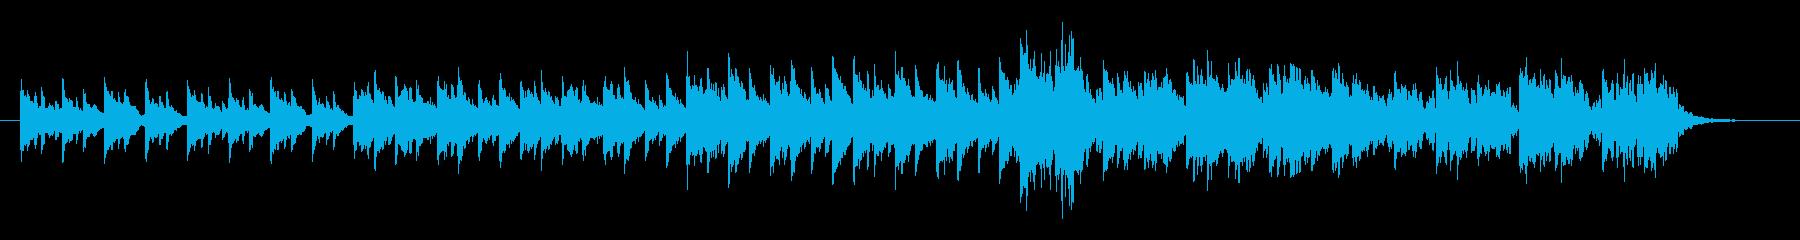 ピアノメインの切なく悲しいBGMの再生済みの波形